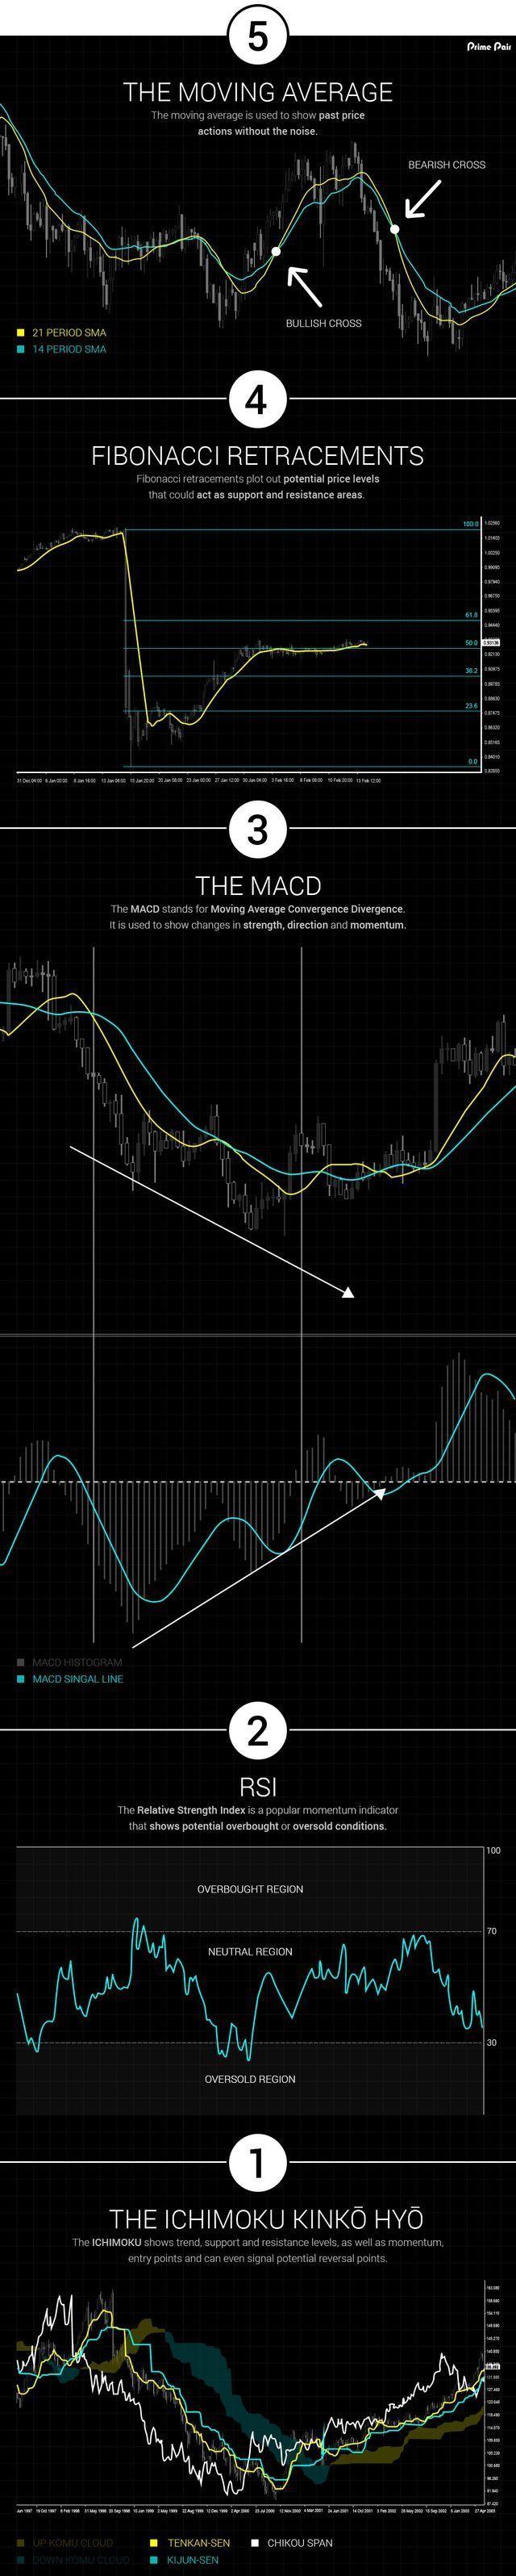 Online-Aktienoptionen Trading-Methode und Risikomanagement-Simulator, beste binäre Optionen Websites Rabatte, alpari. Von der binären Vervollständigung binary jurados binary fxagency.